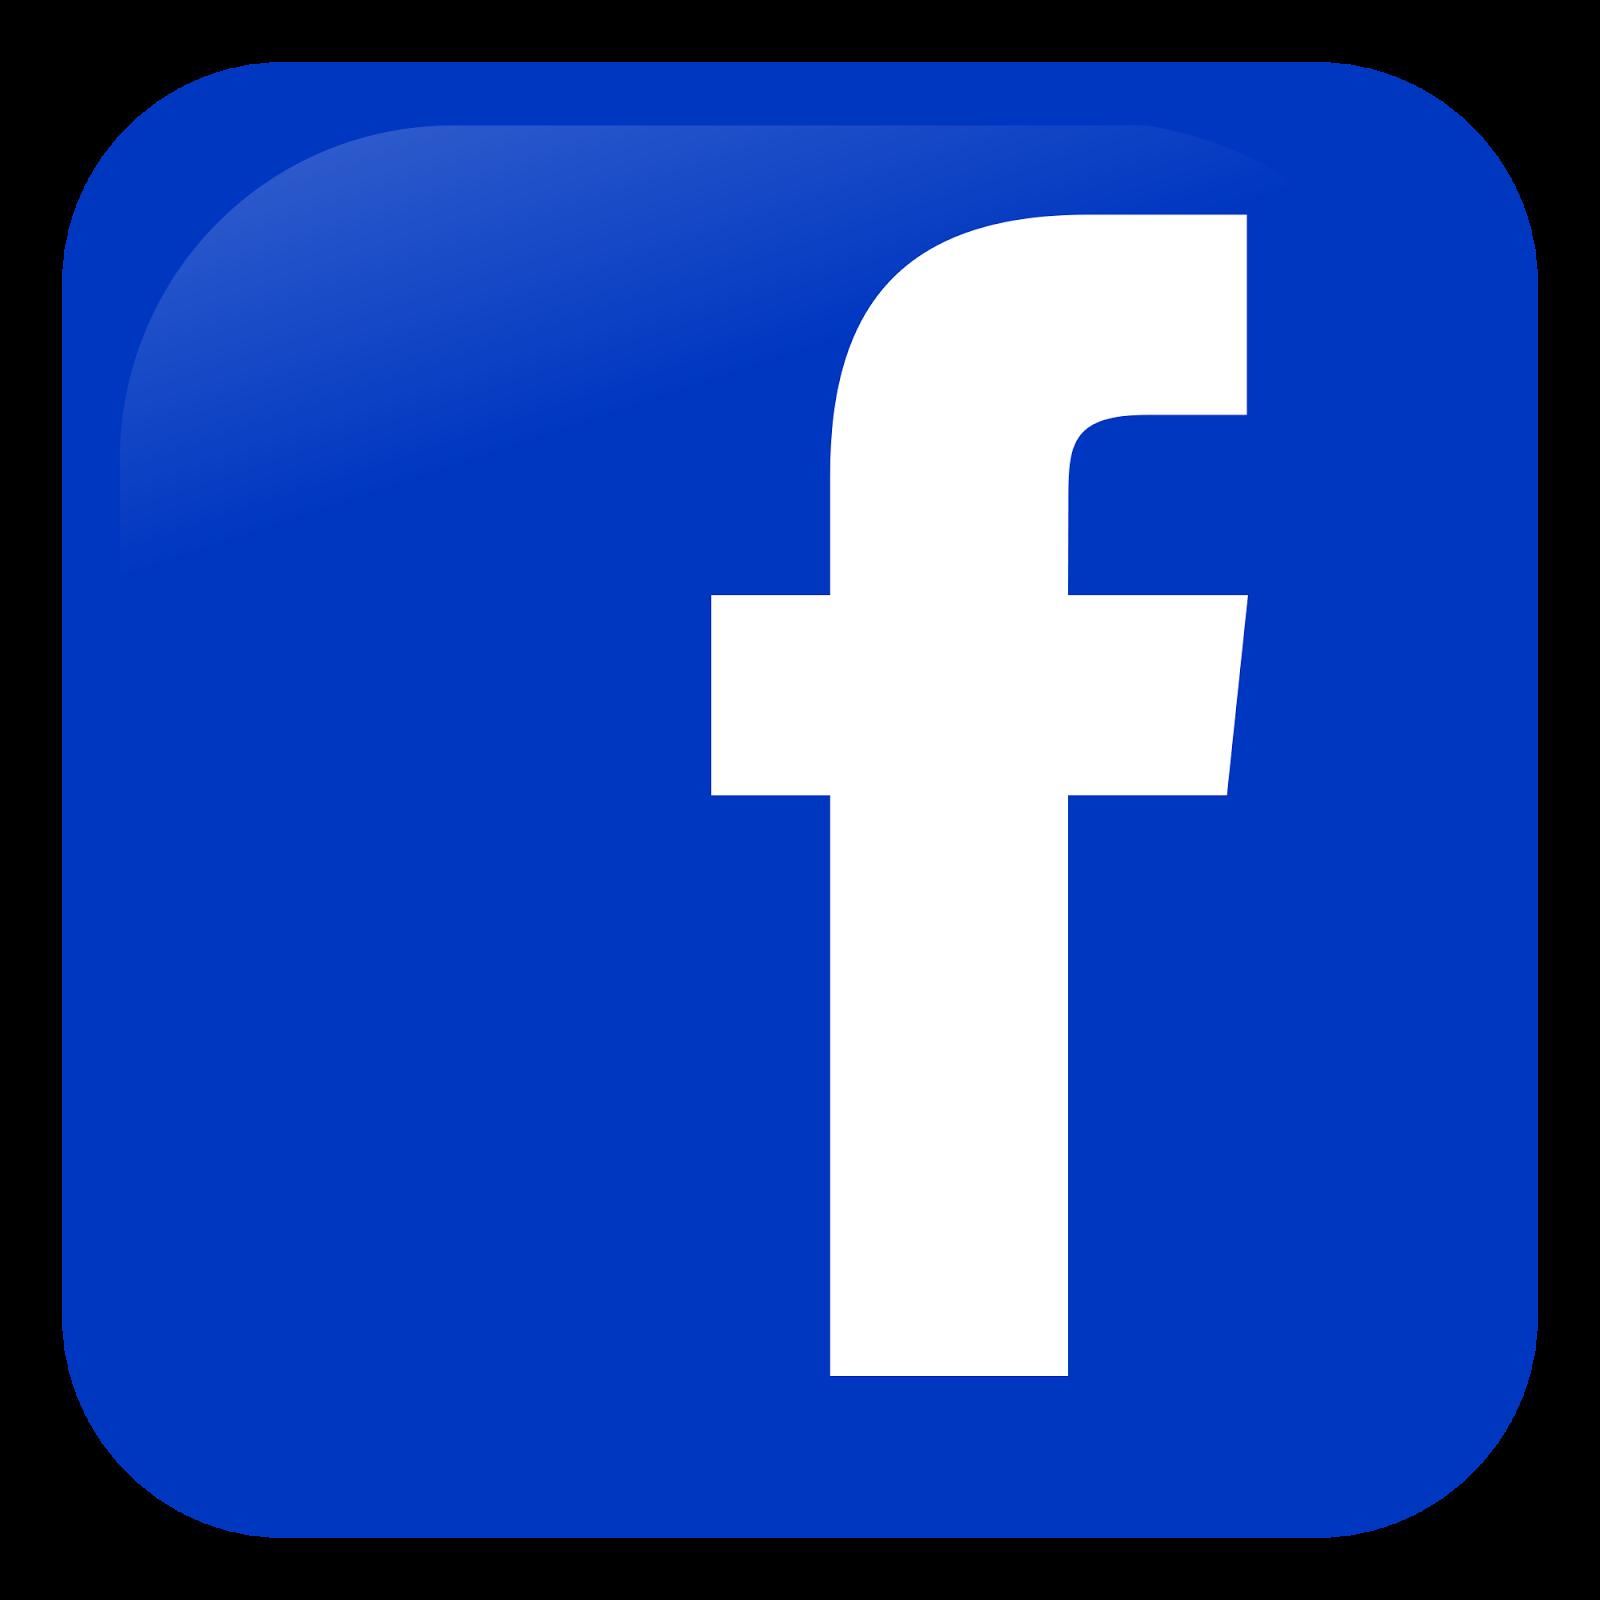 και στις σελίδες δικτύωσης του FB...